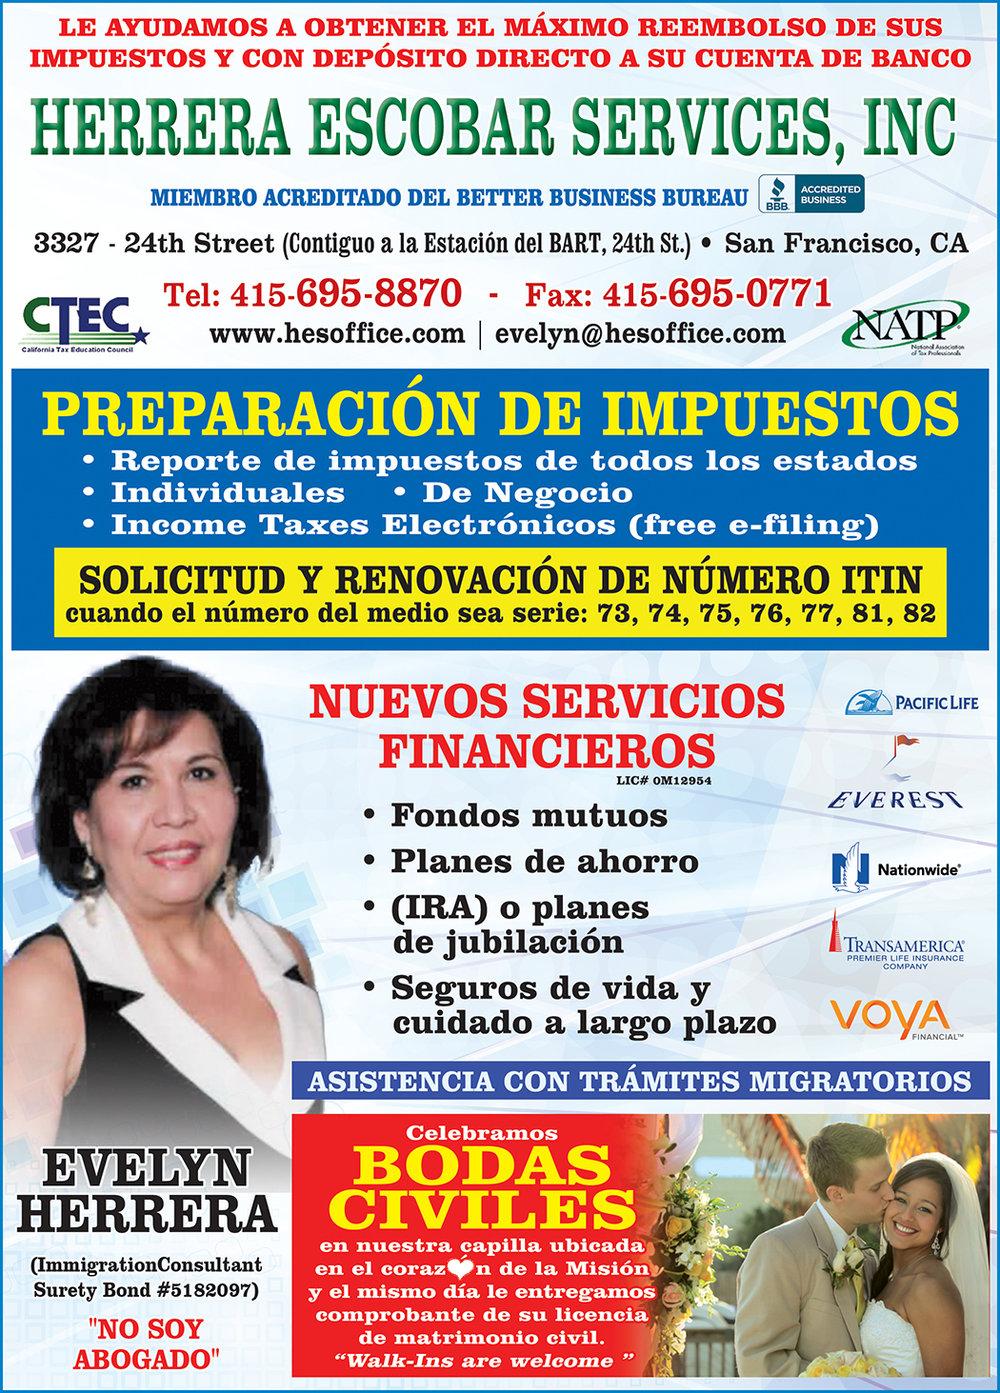 Herrera Escobar 1 Pag - MARZO 2019.jpg